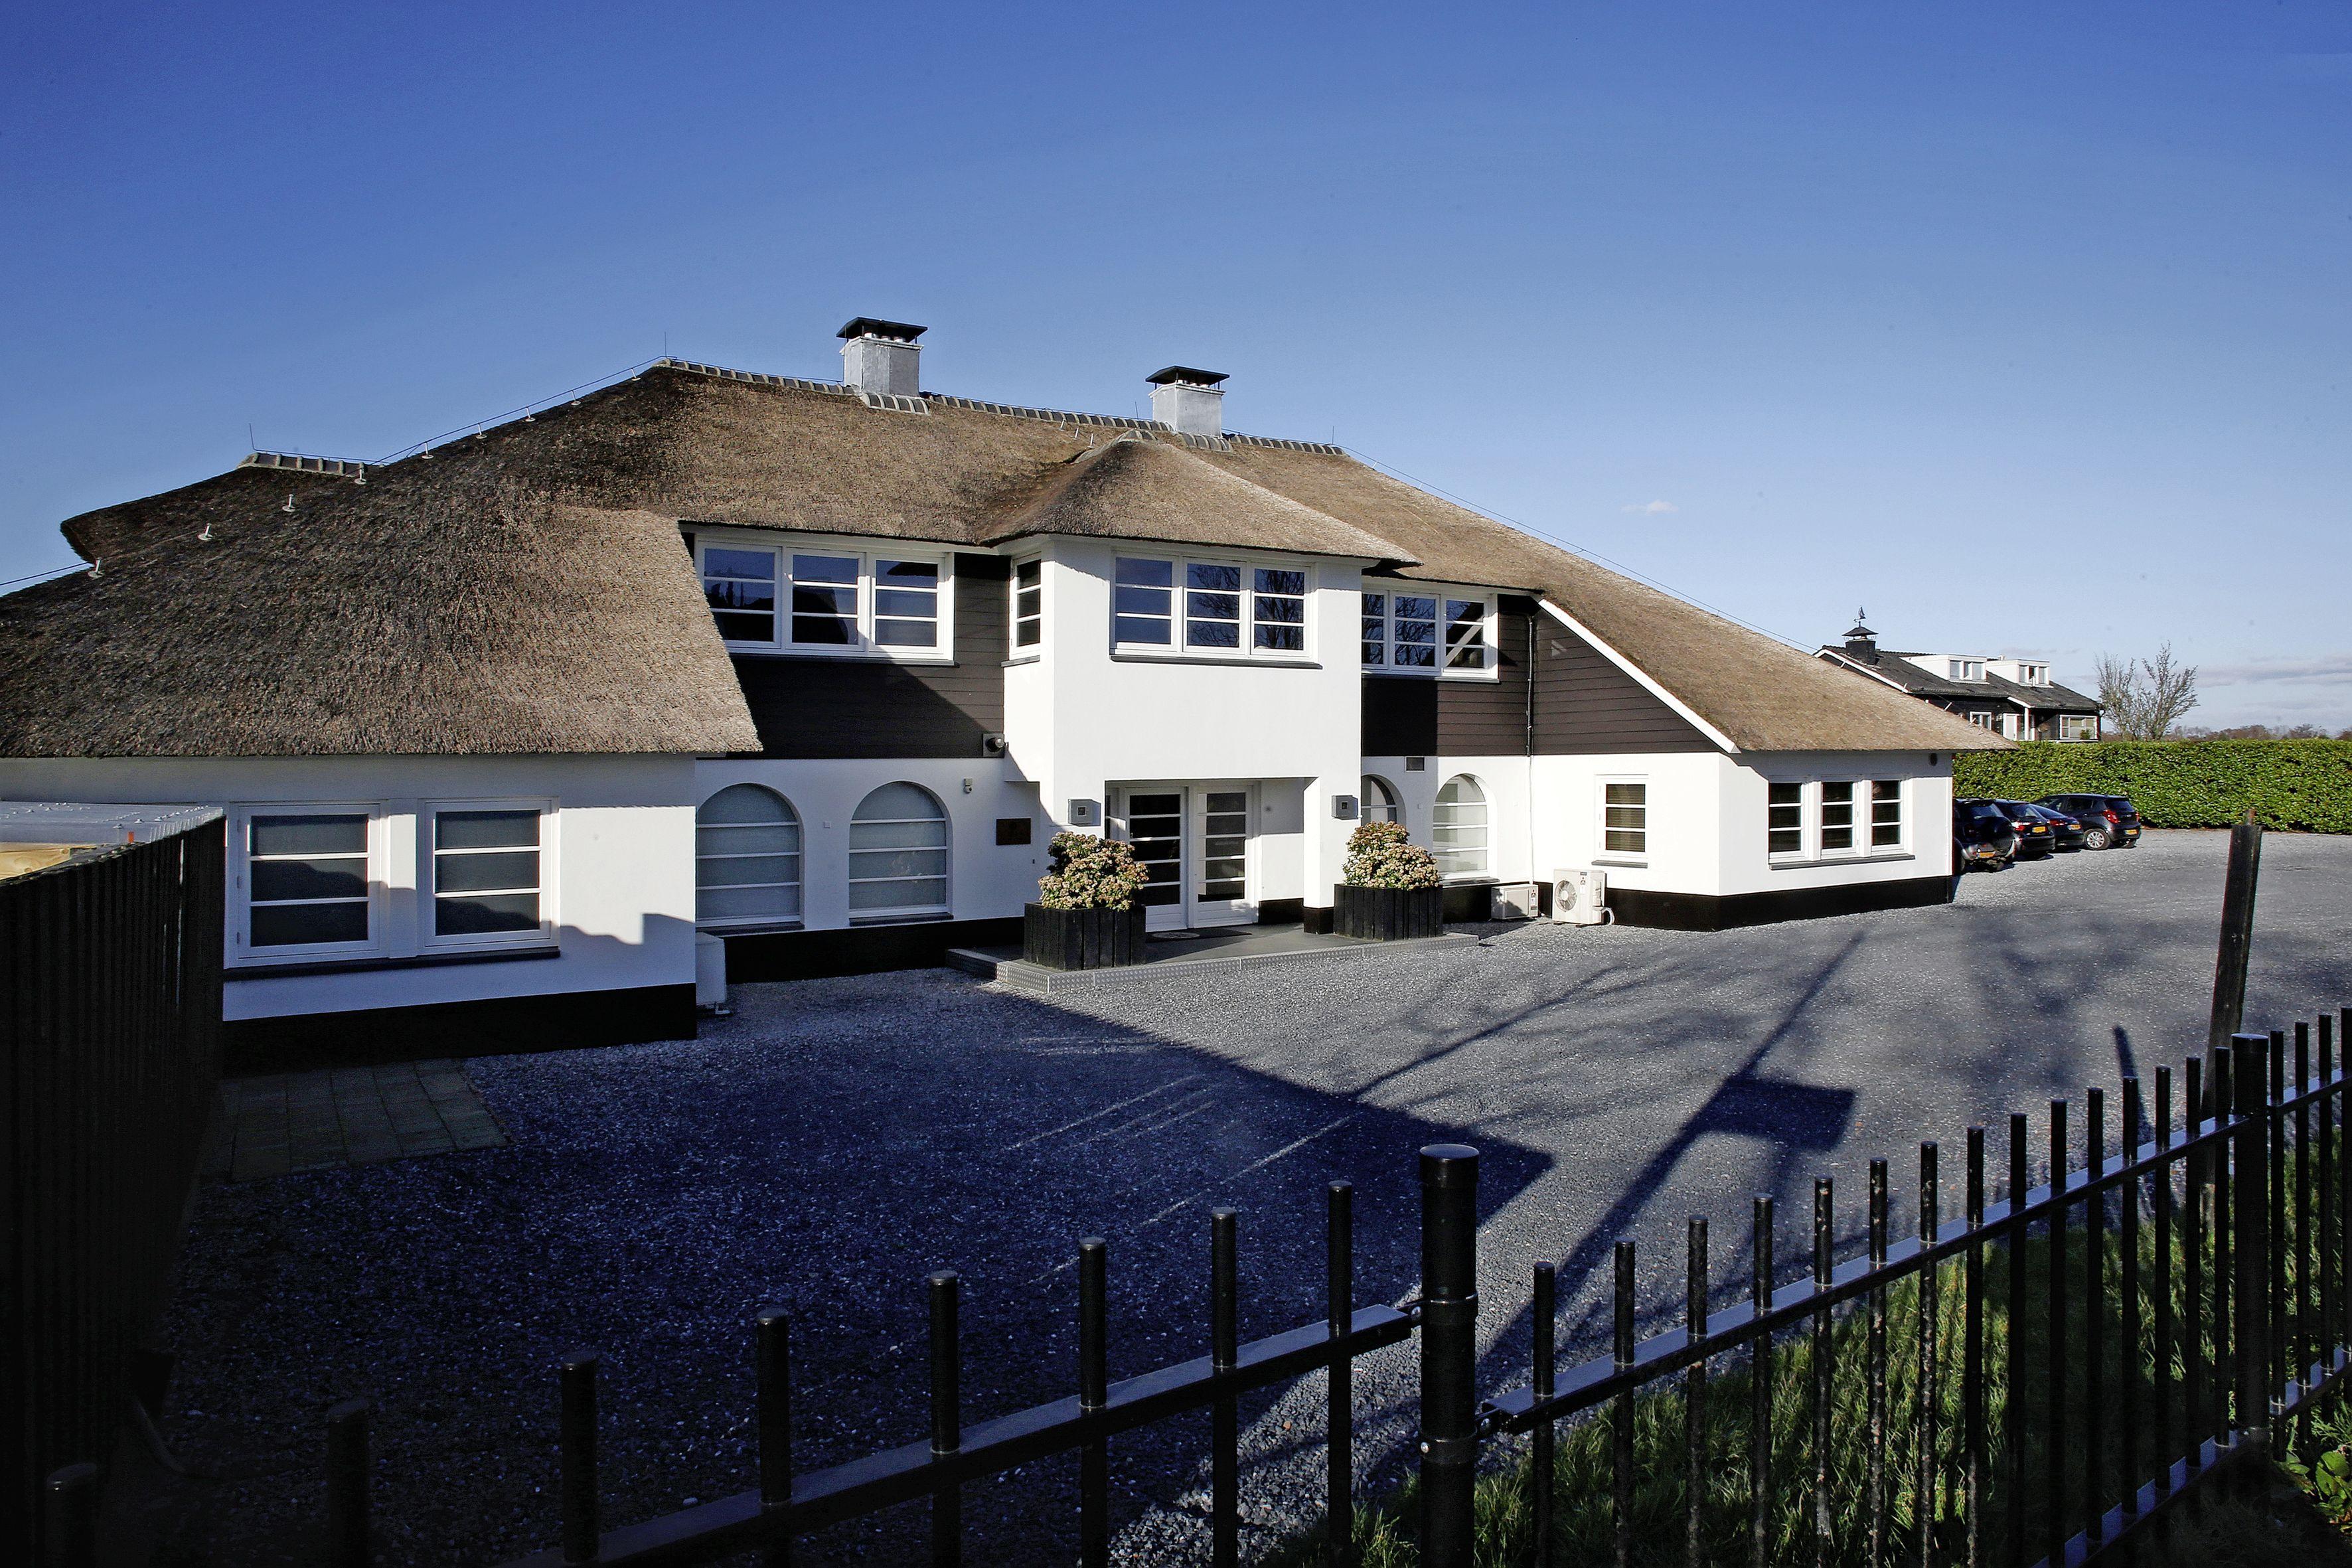 'Beste trouwlocatie' Finley Het Witte Huis in Loosdrecht stopt eind dit jaar: 'Met corona is er geen perspectief meer'